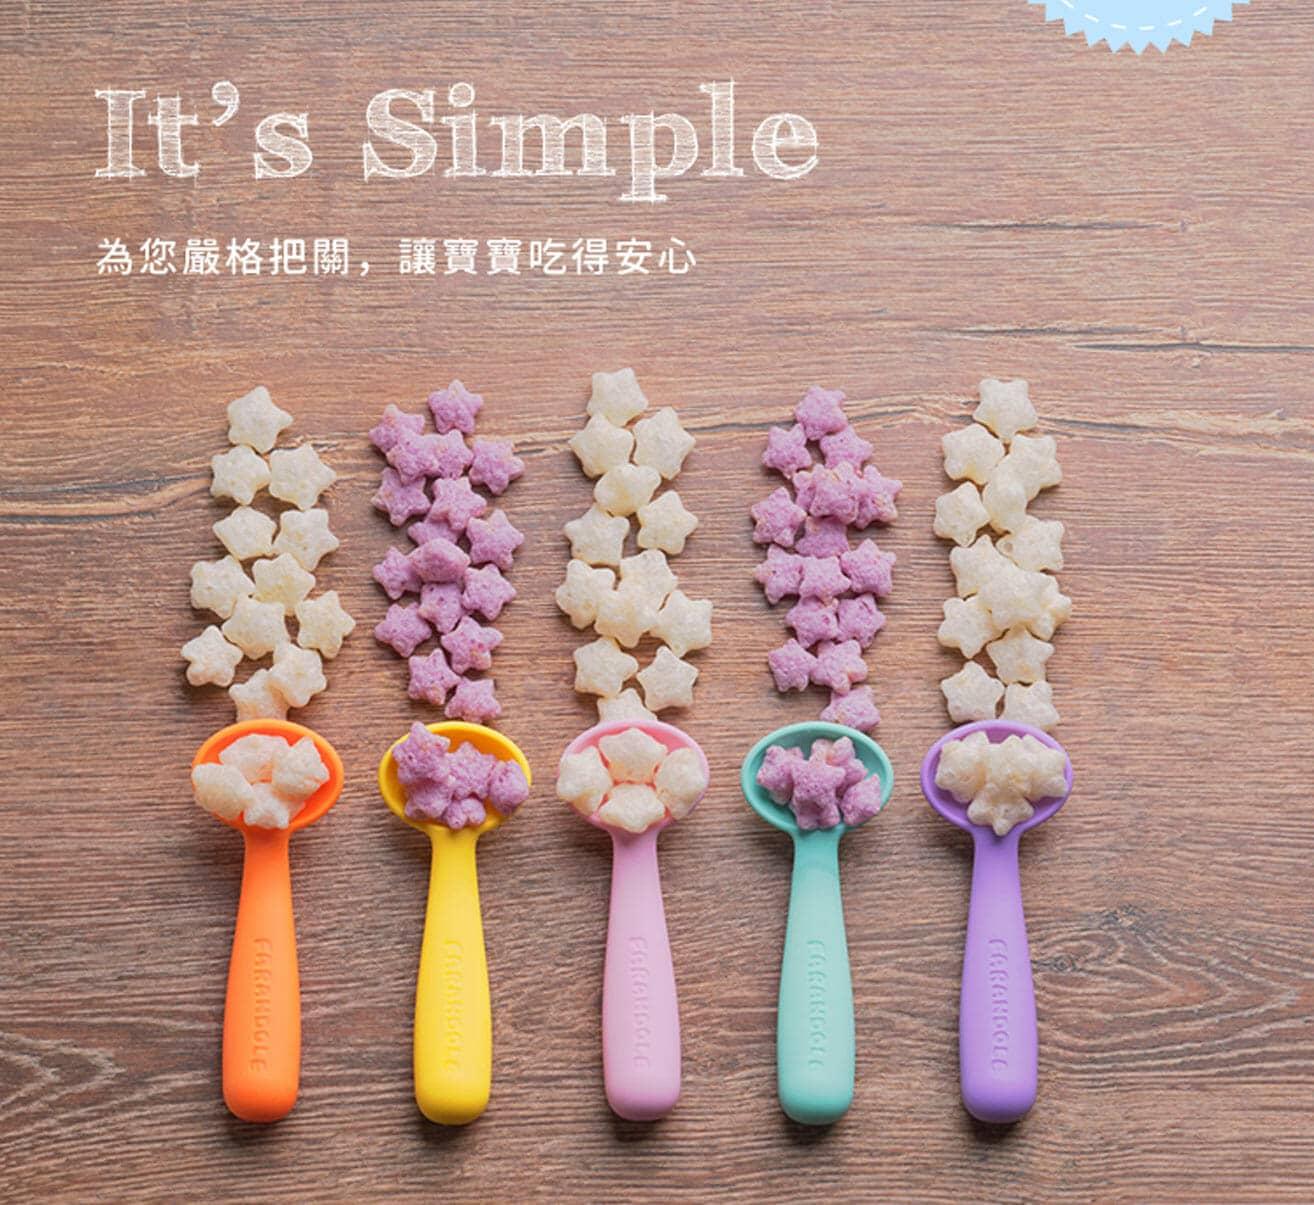 用繽紛的湯匙裝著紫色與白色交錯的麥星星餅乾